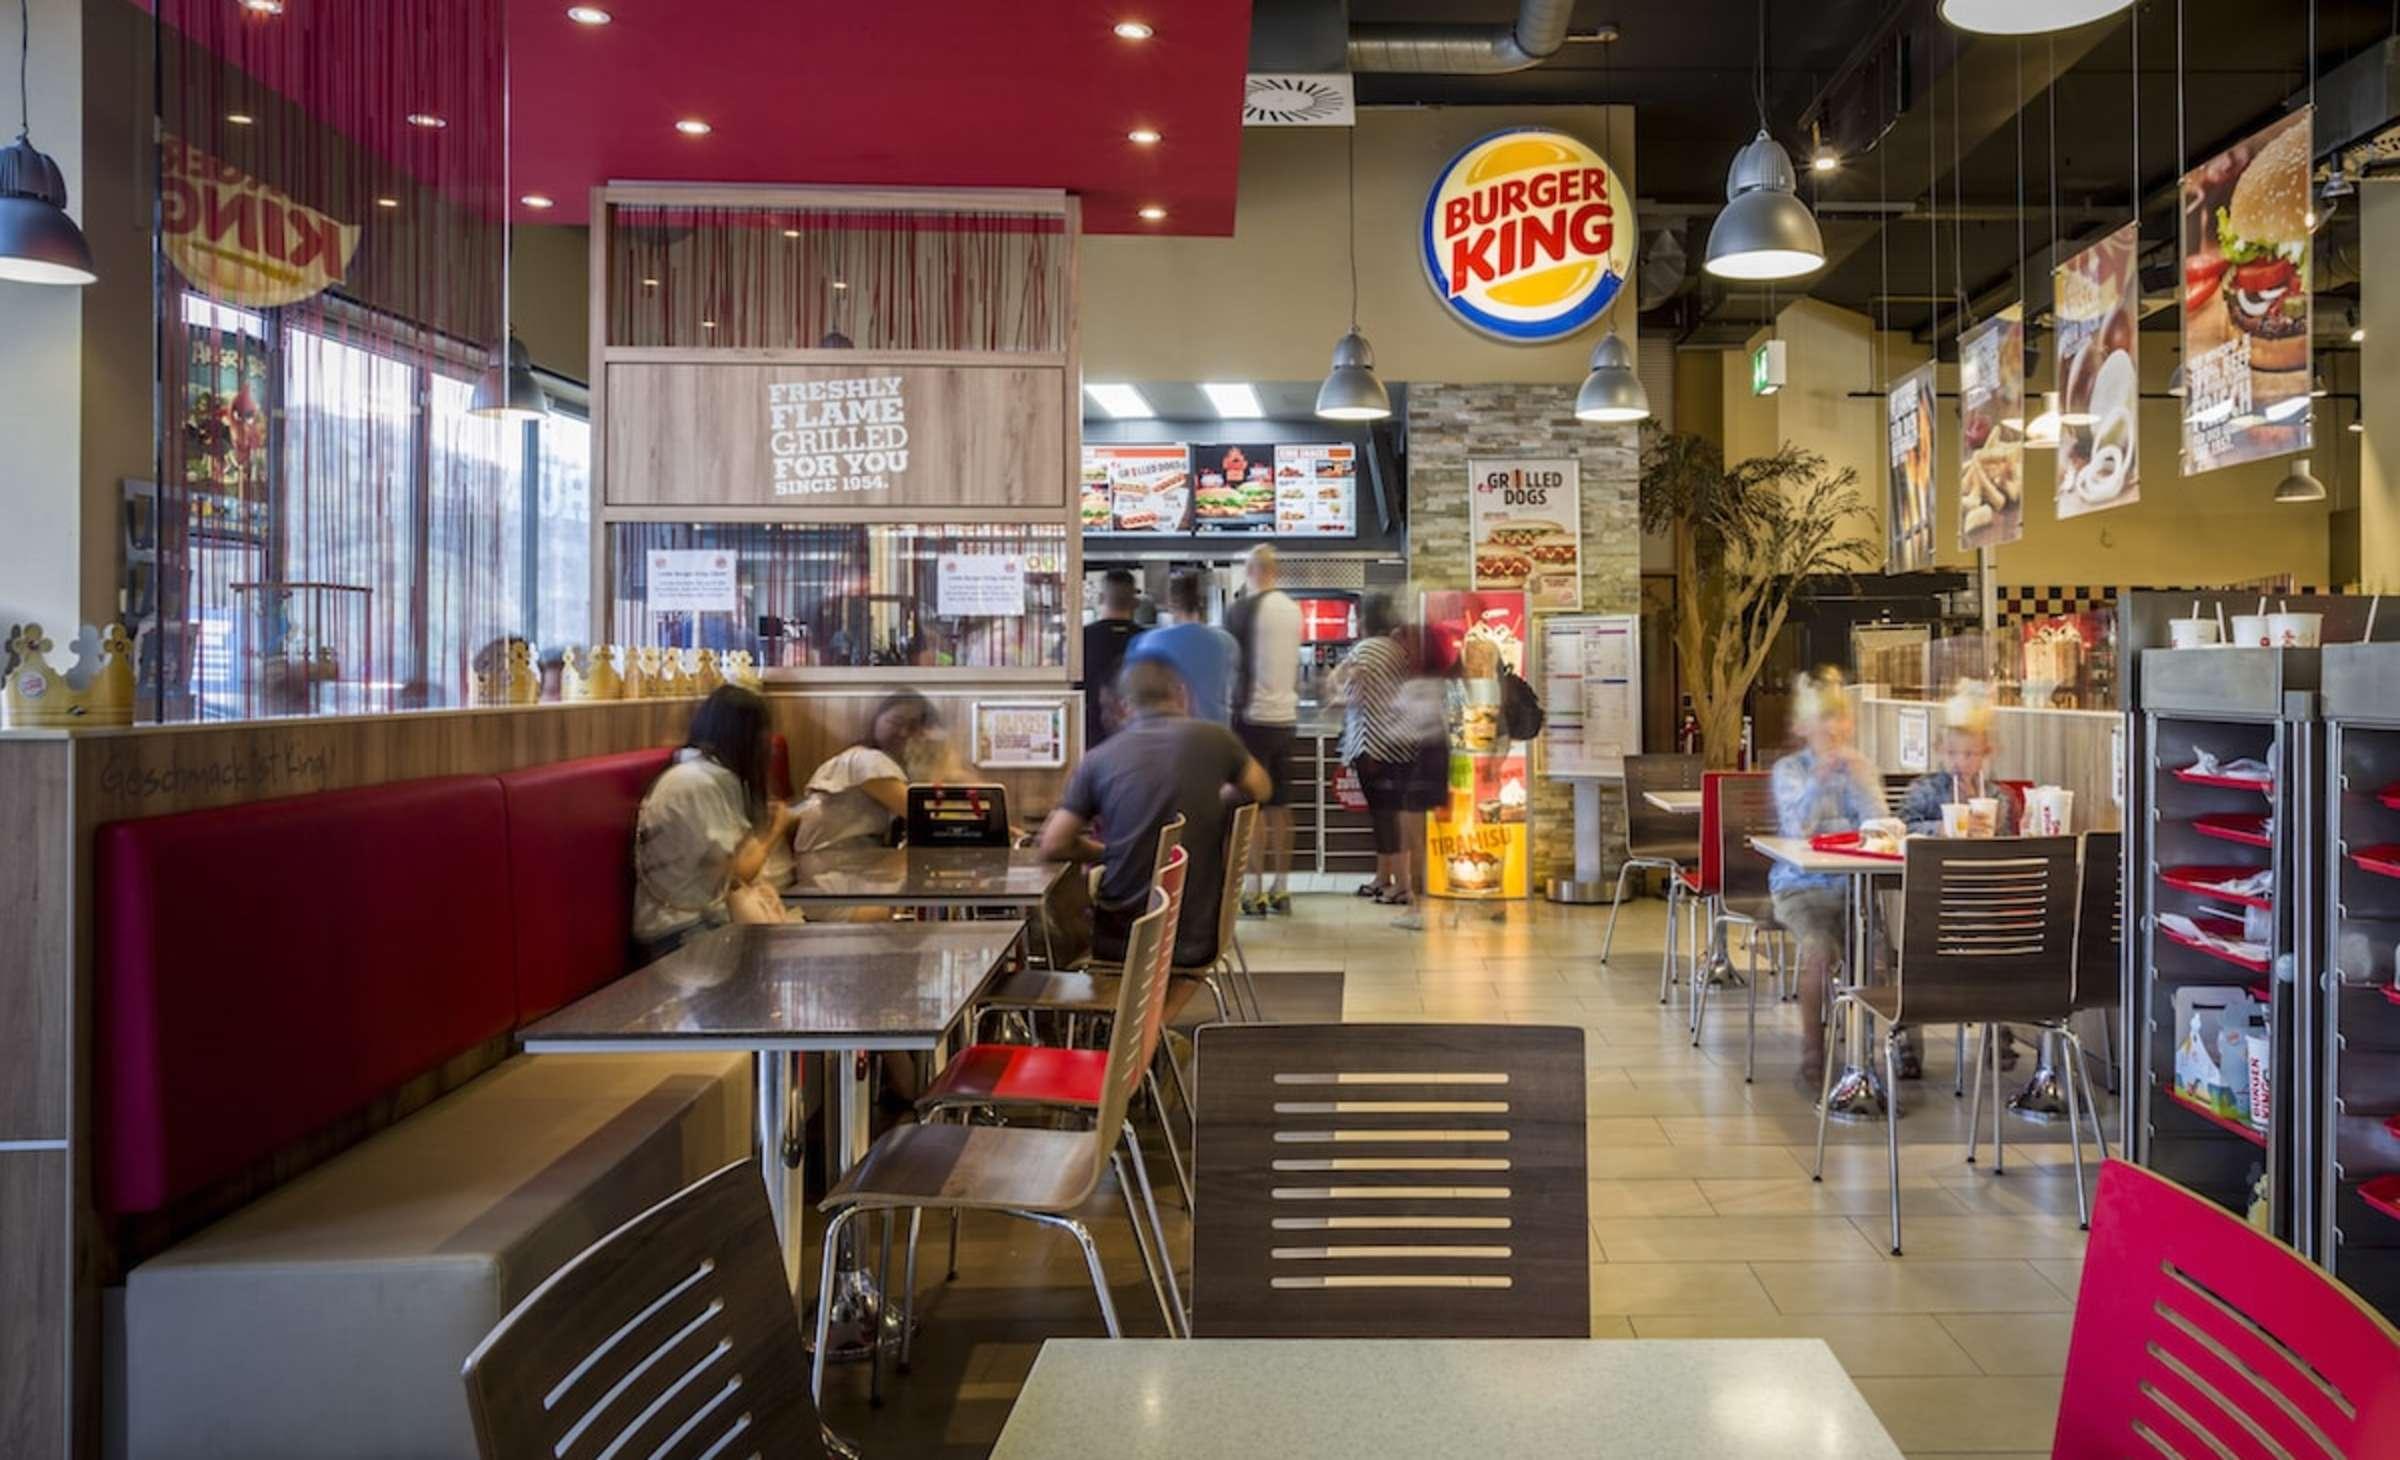 Wörthersee Burger King